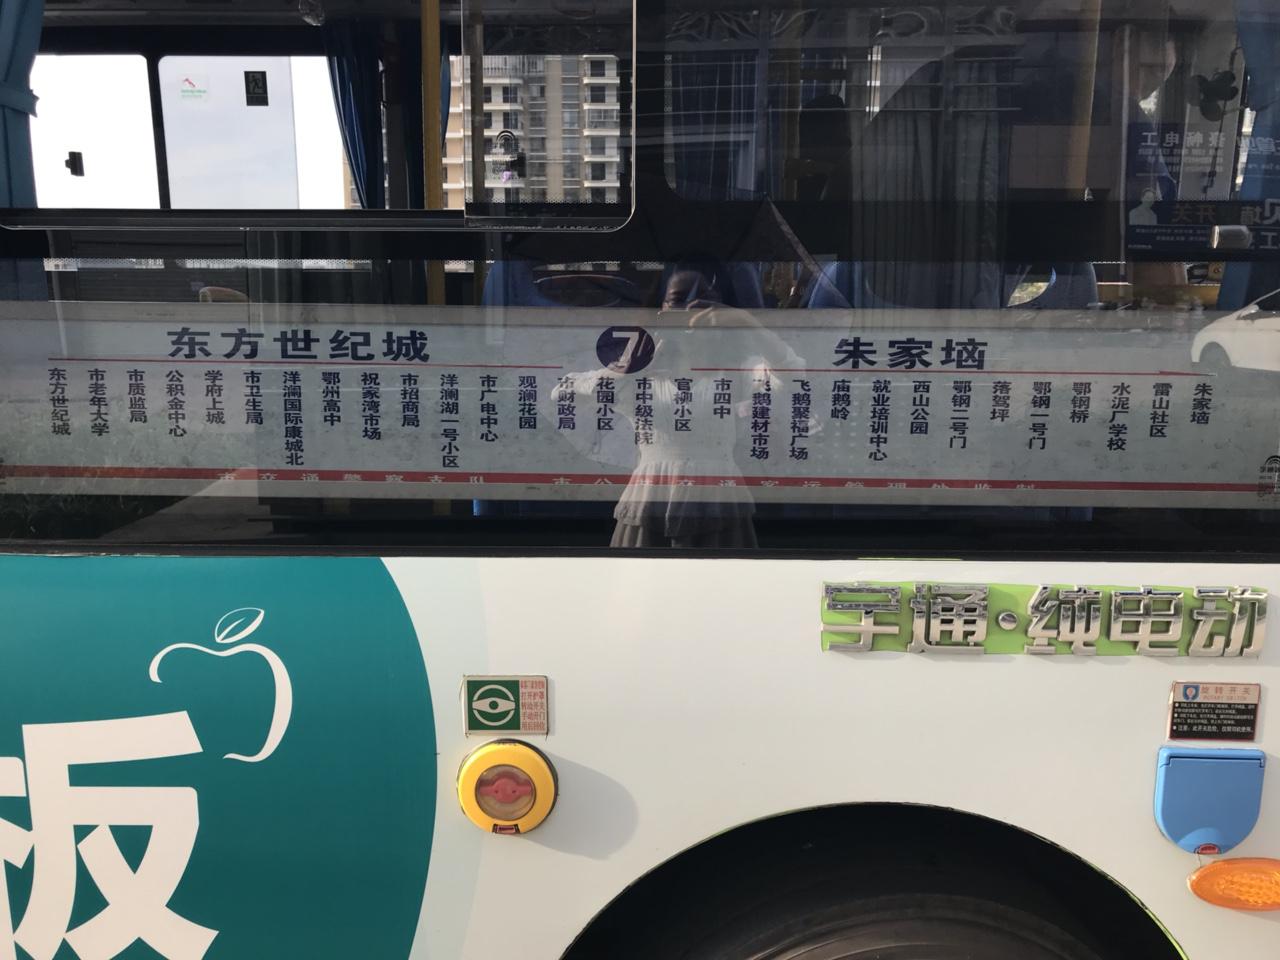 望途经鄂州中专新校区的20路、7路公交能延迟到晚8点收班